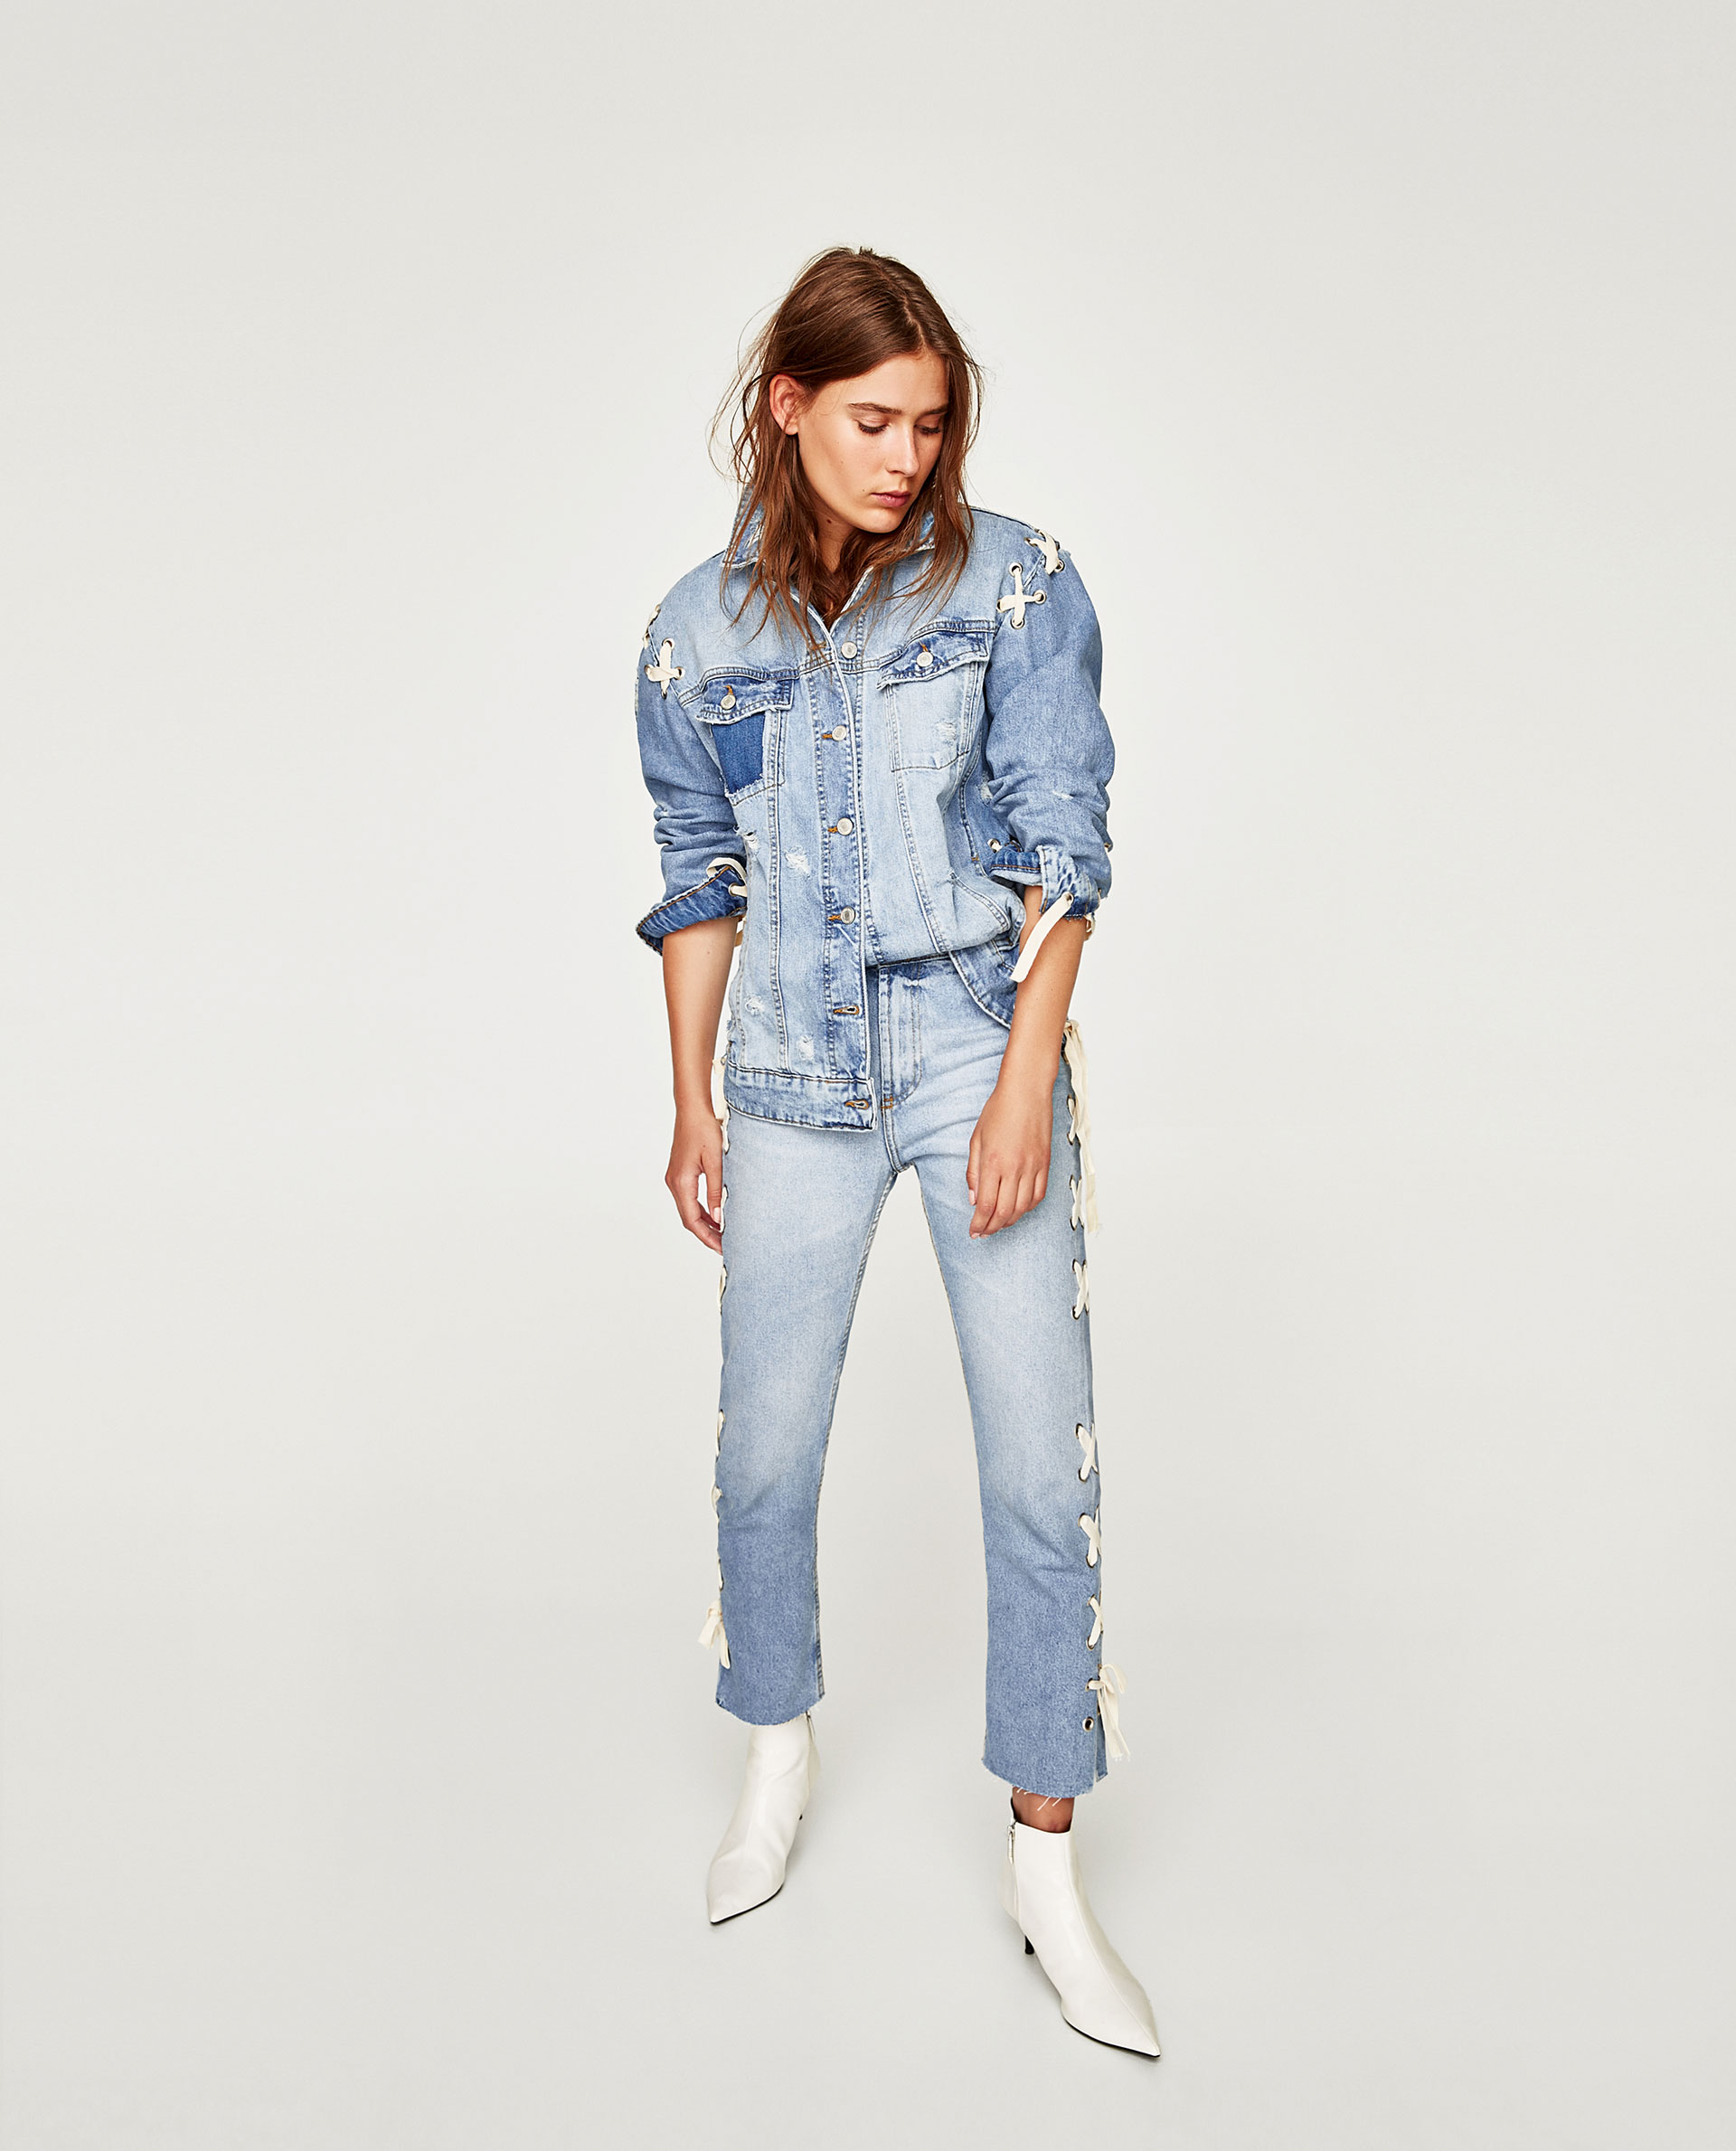 Giubbino abbinamenti Pourfemme jeans più di gli fashion FOTO frgwfq